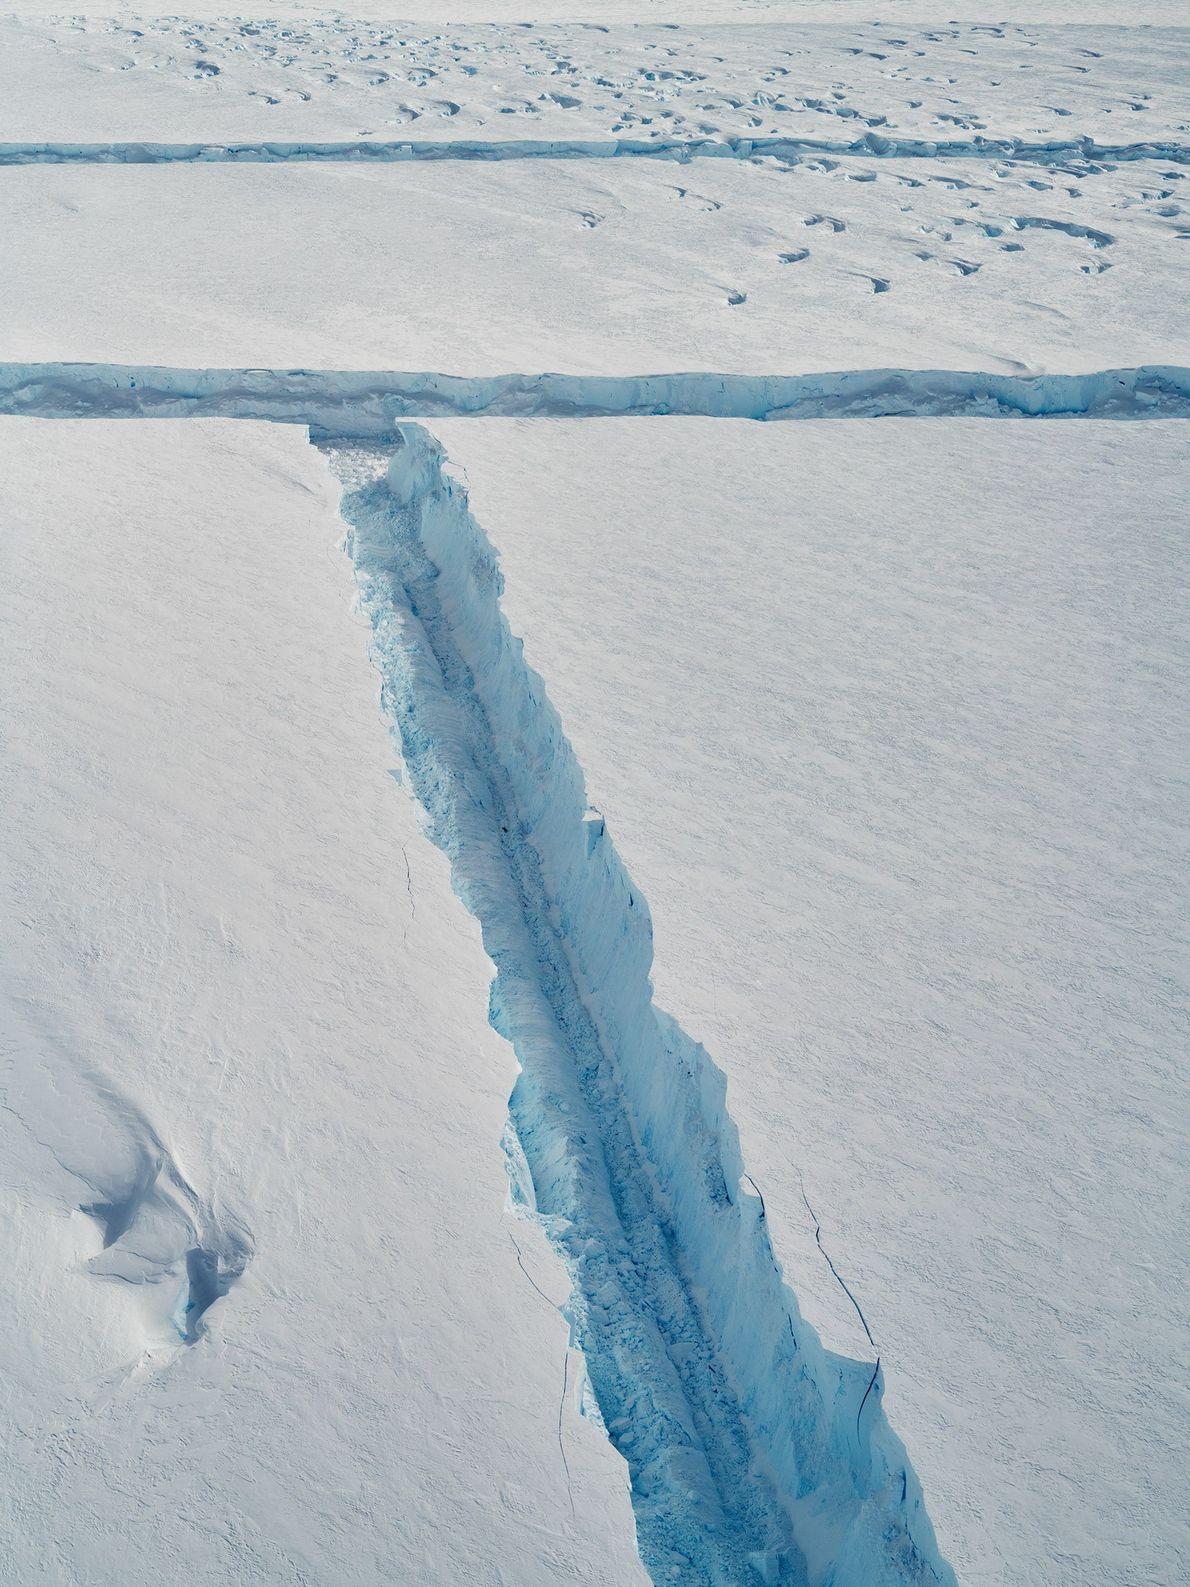 À medida que o B-46 se solta, o gelo quebradiço solta-se por vezes em ângulos retos.